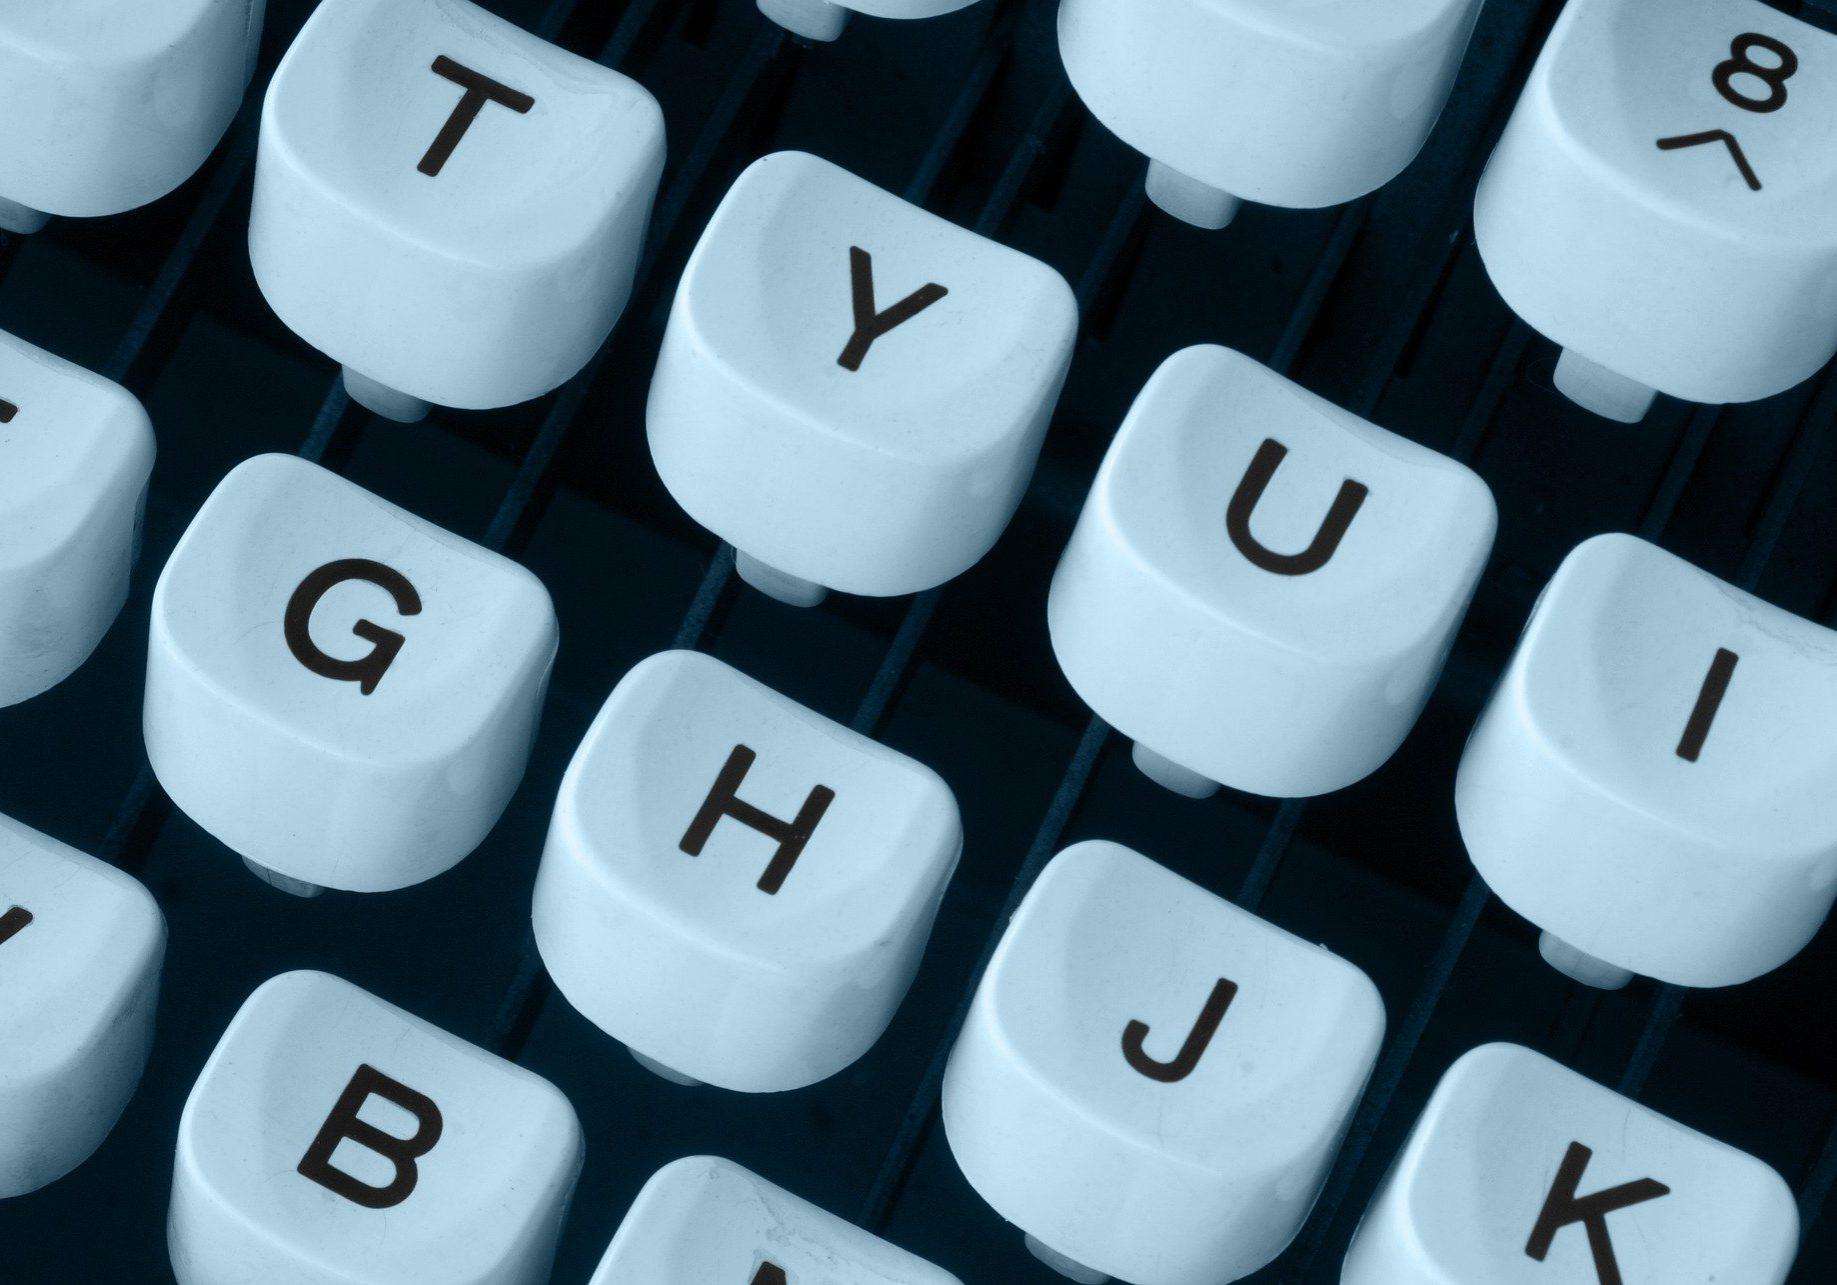 https://pixabay.com/de/photos/schreibmaschine-tastatur-maschine-3638185/